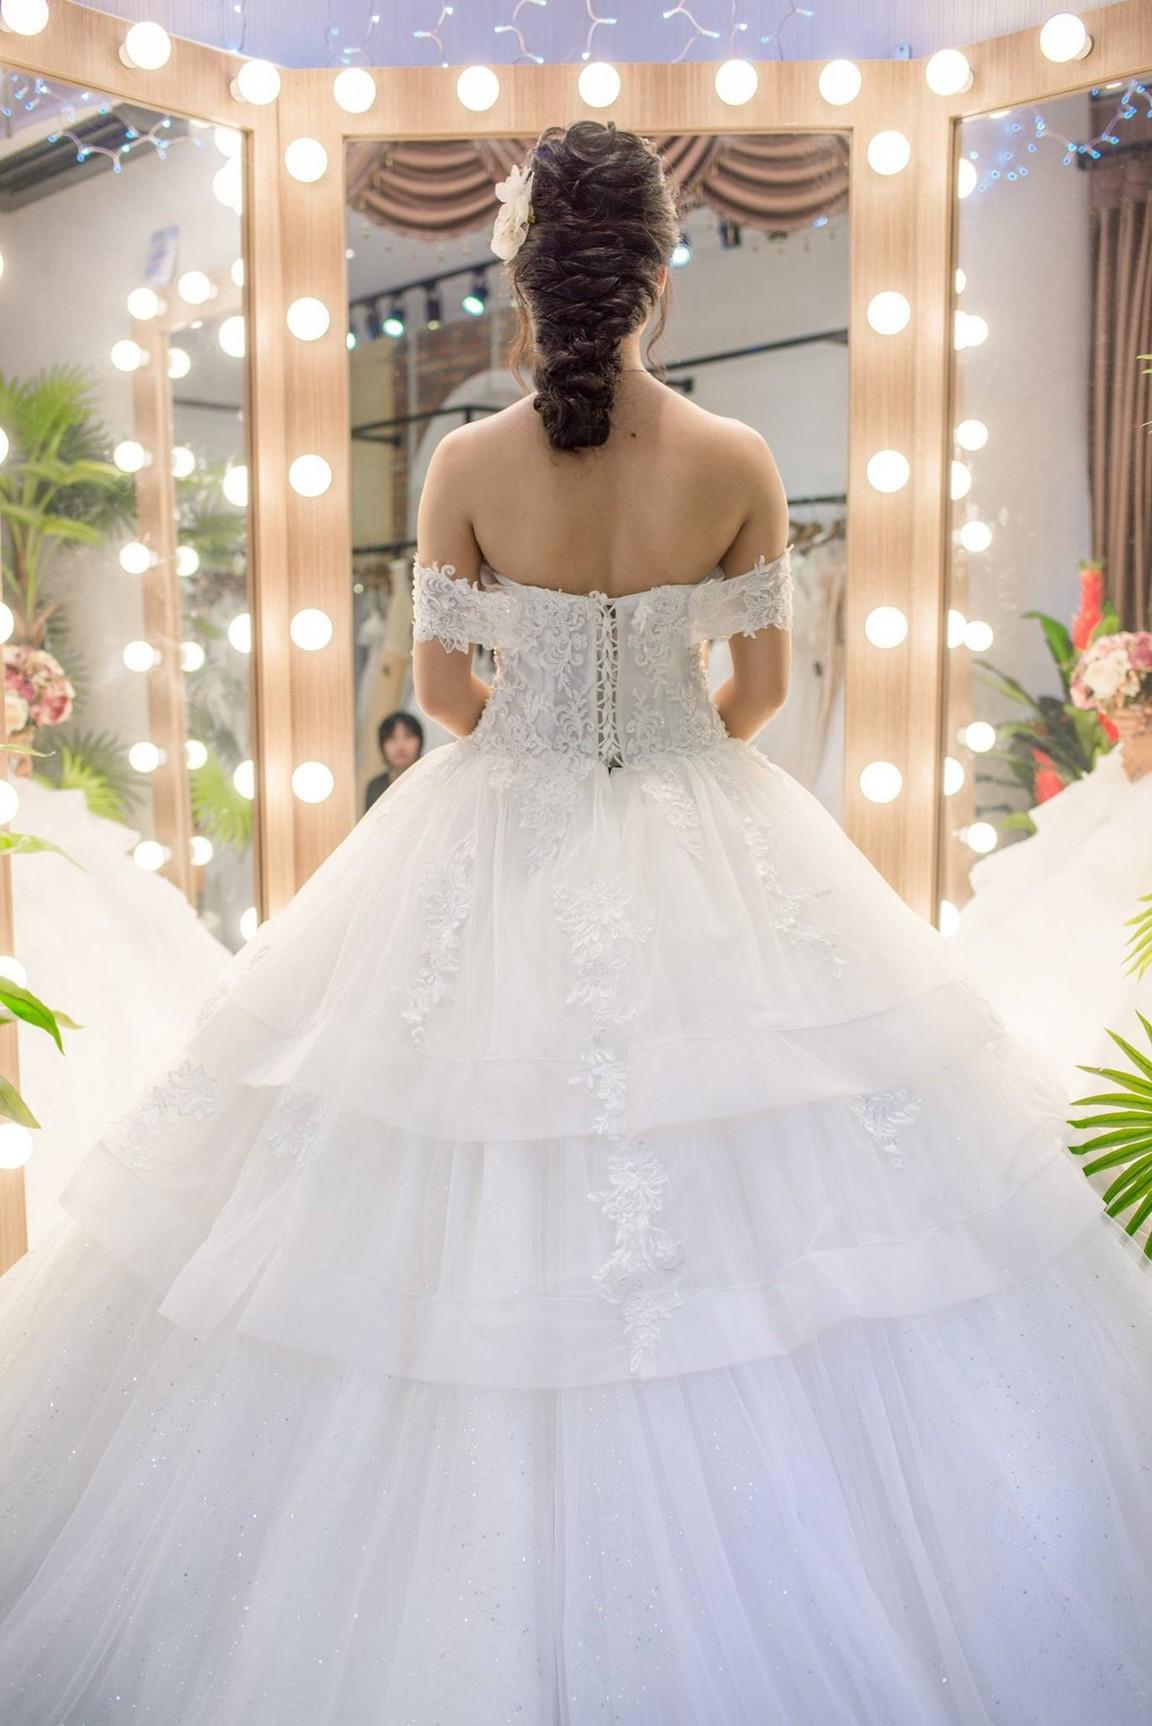 Váy cưới xòe bông 5